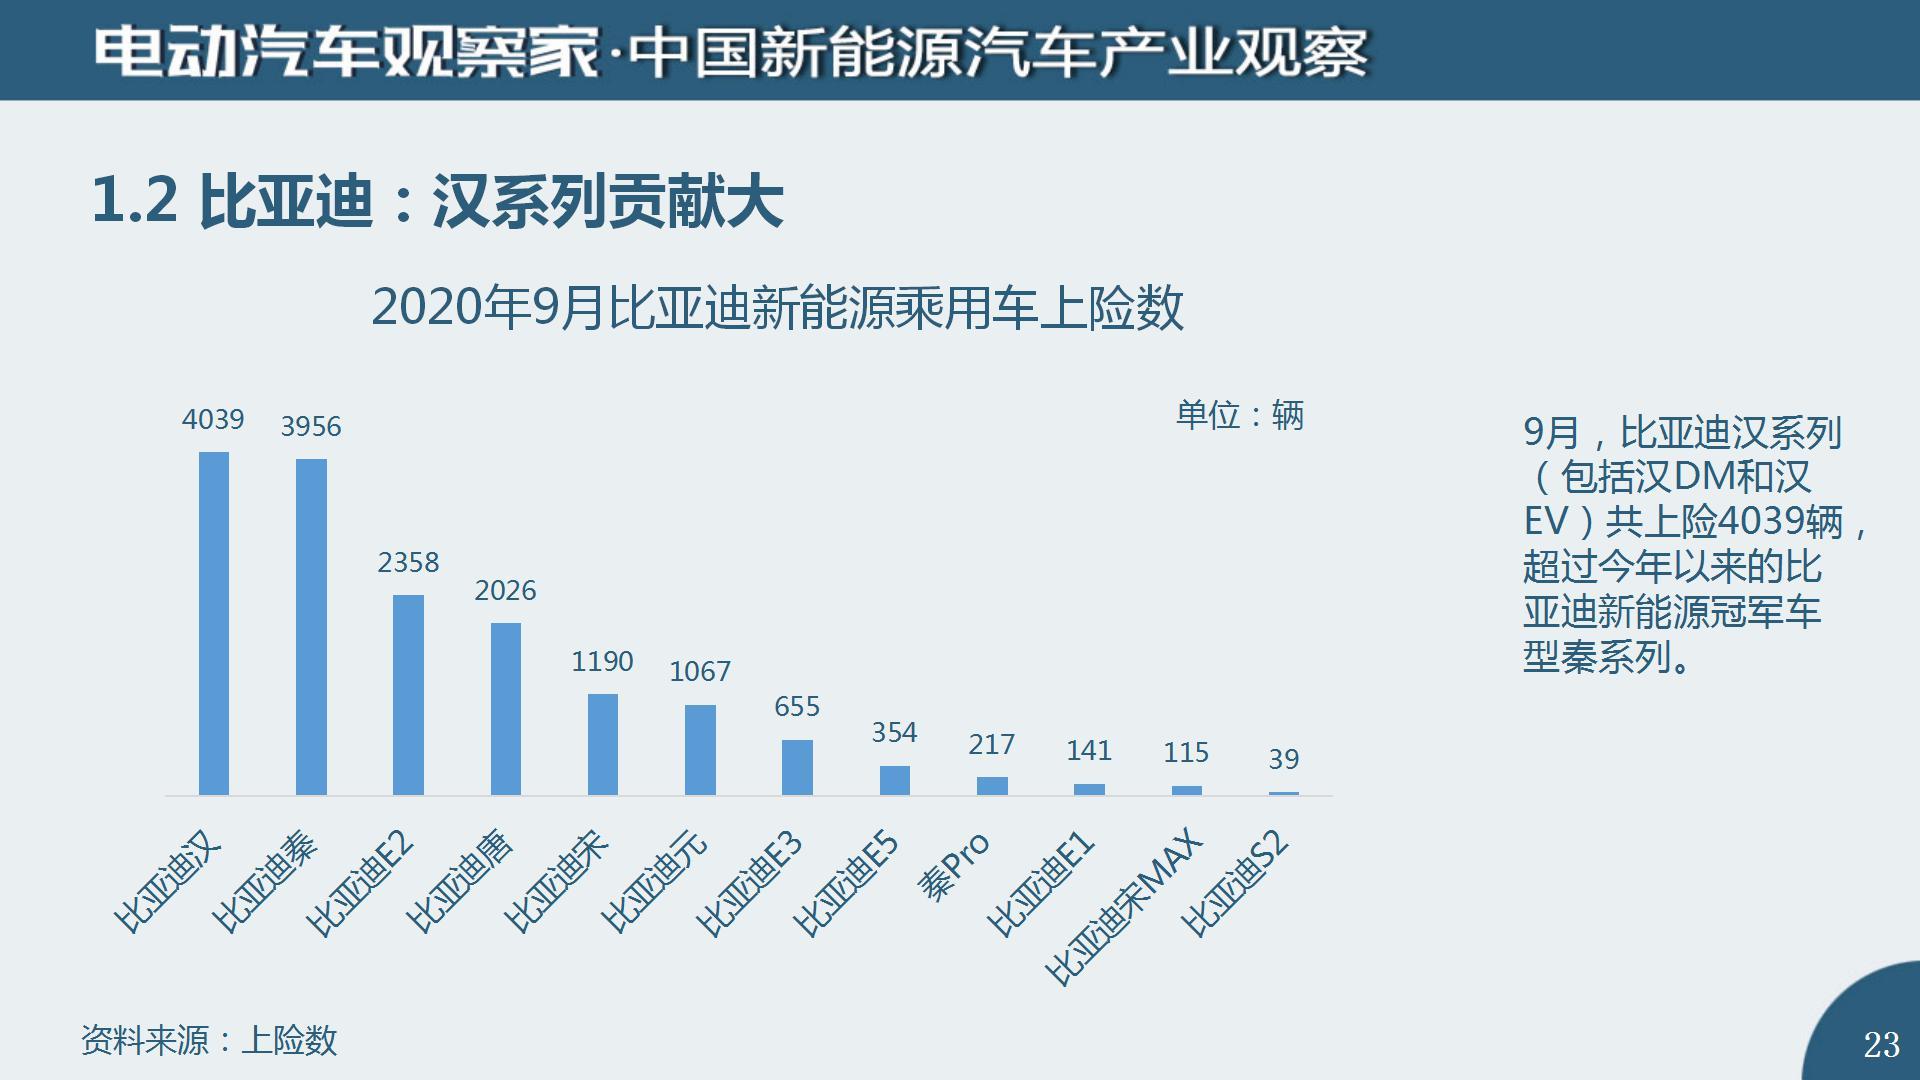 中国新能源汽车产业观察2020年9月(2)_23